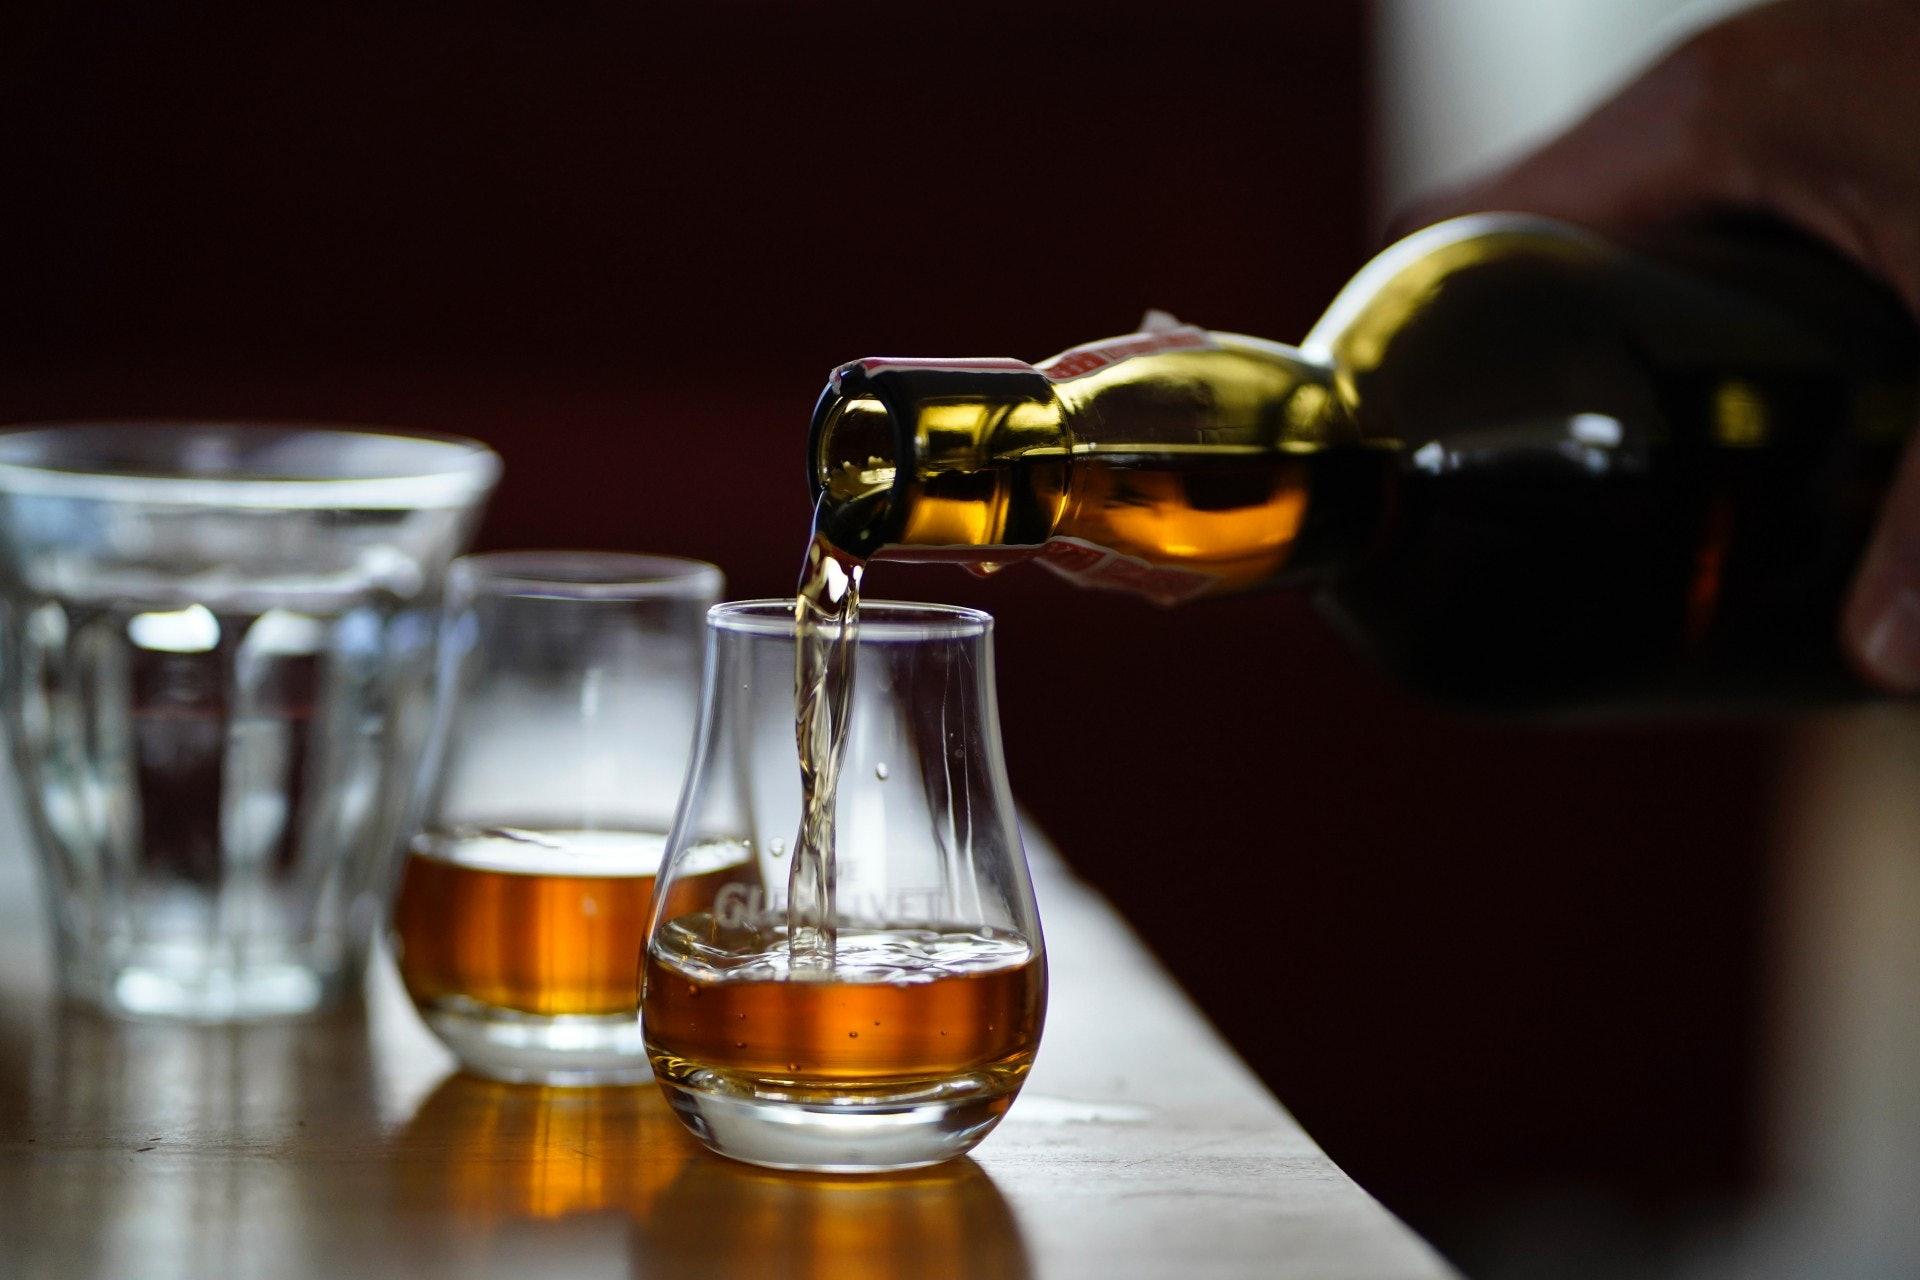 老派一點來說,白蘭地通常被視為飯後酒,品嚐白蘭地就似飯後甜品一樣。